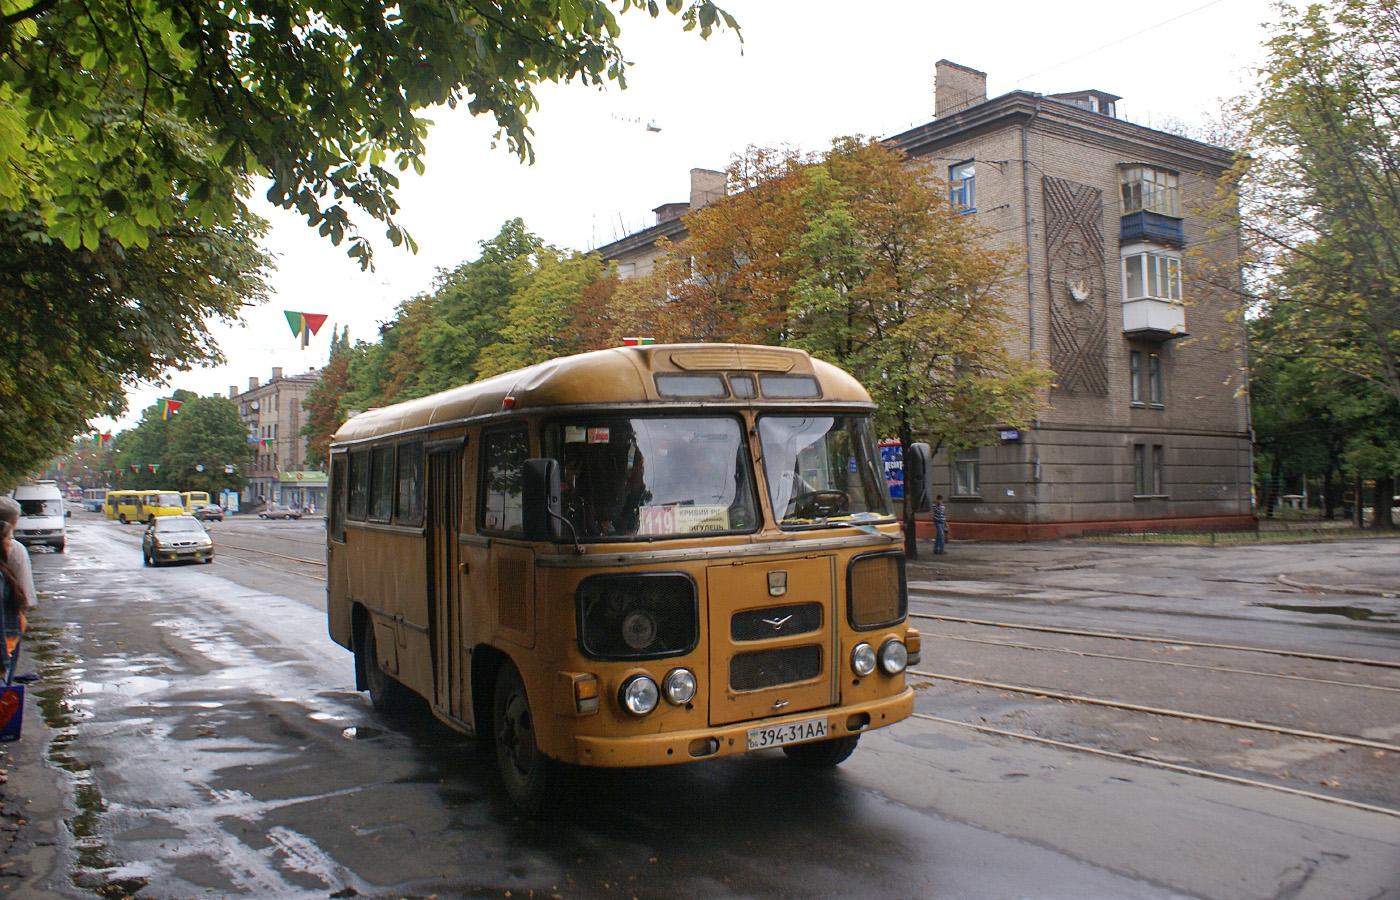 ПАЗ-672М №394-31 АА. Дніпропетровська область, Кривий Ріг